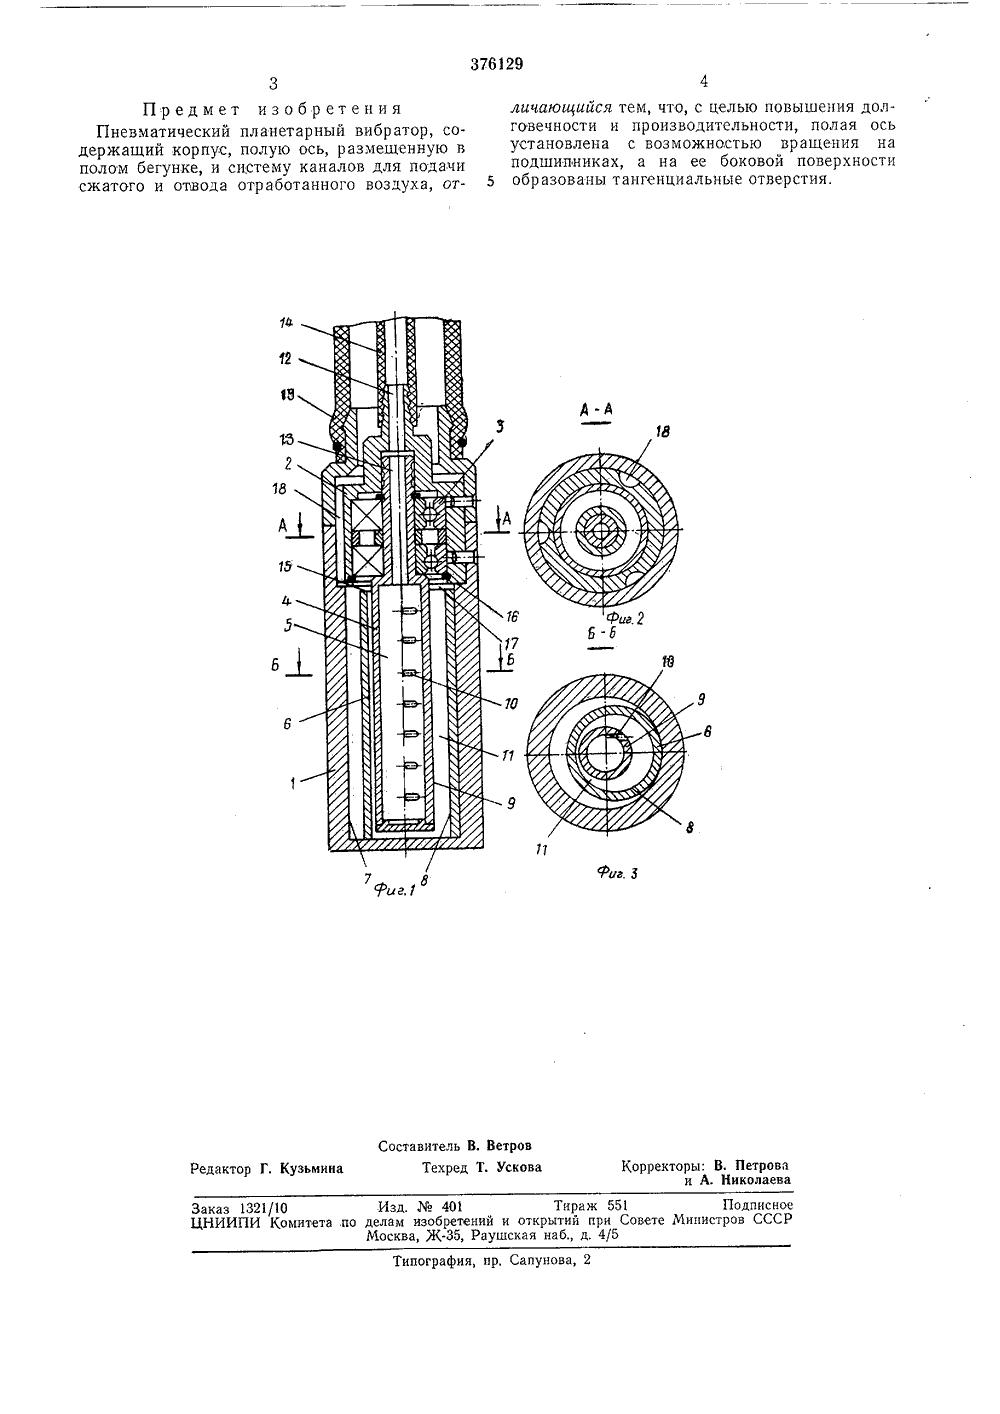 Инструкция по использованию вибратором